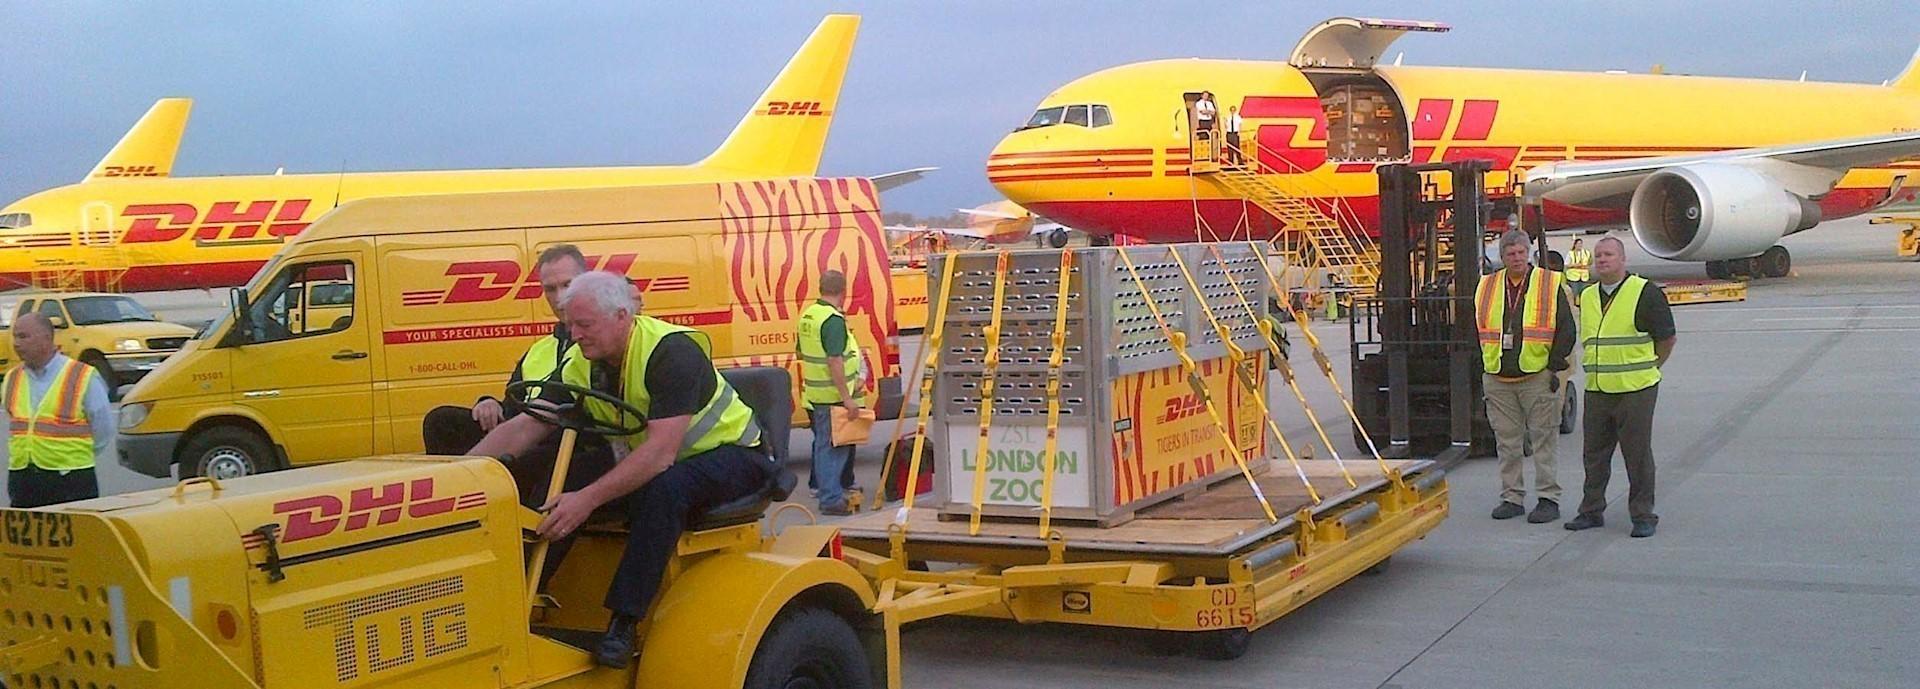 Chuyển hàng đi Ghana Tây Phi   100 Gram vẫn nhận chuyển đi   0901 494 677